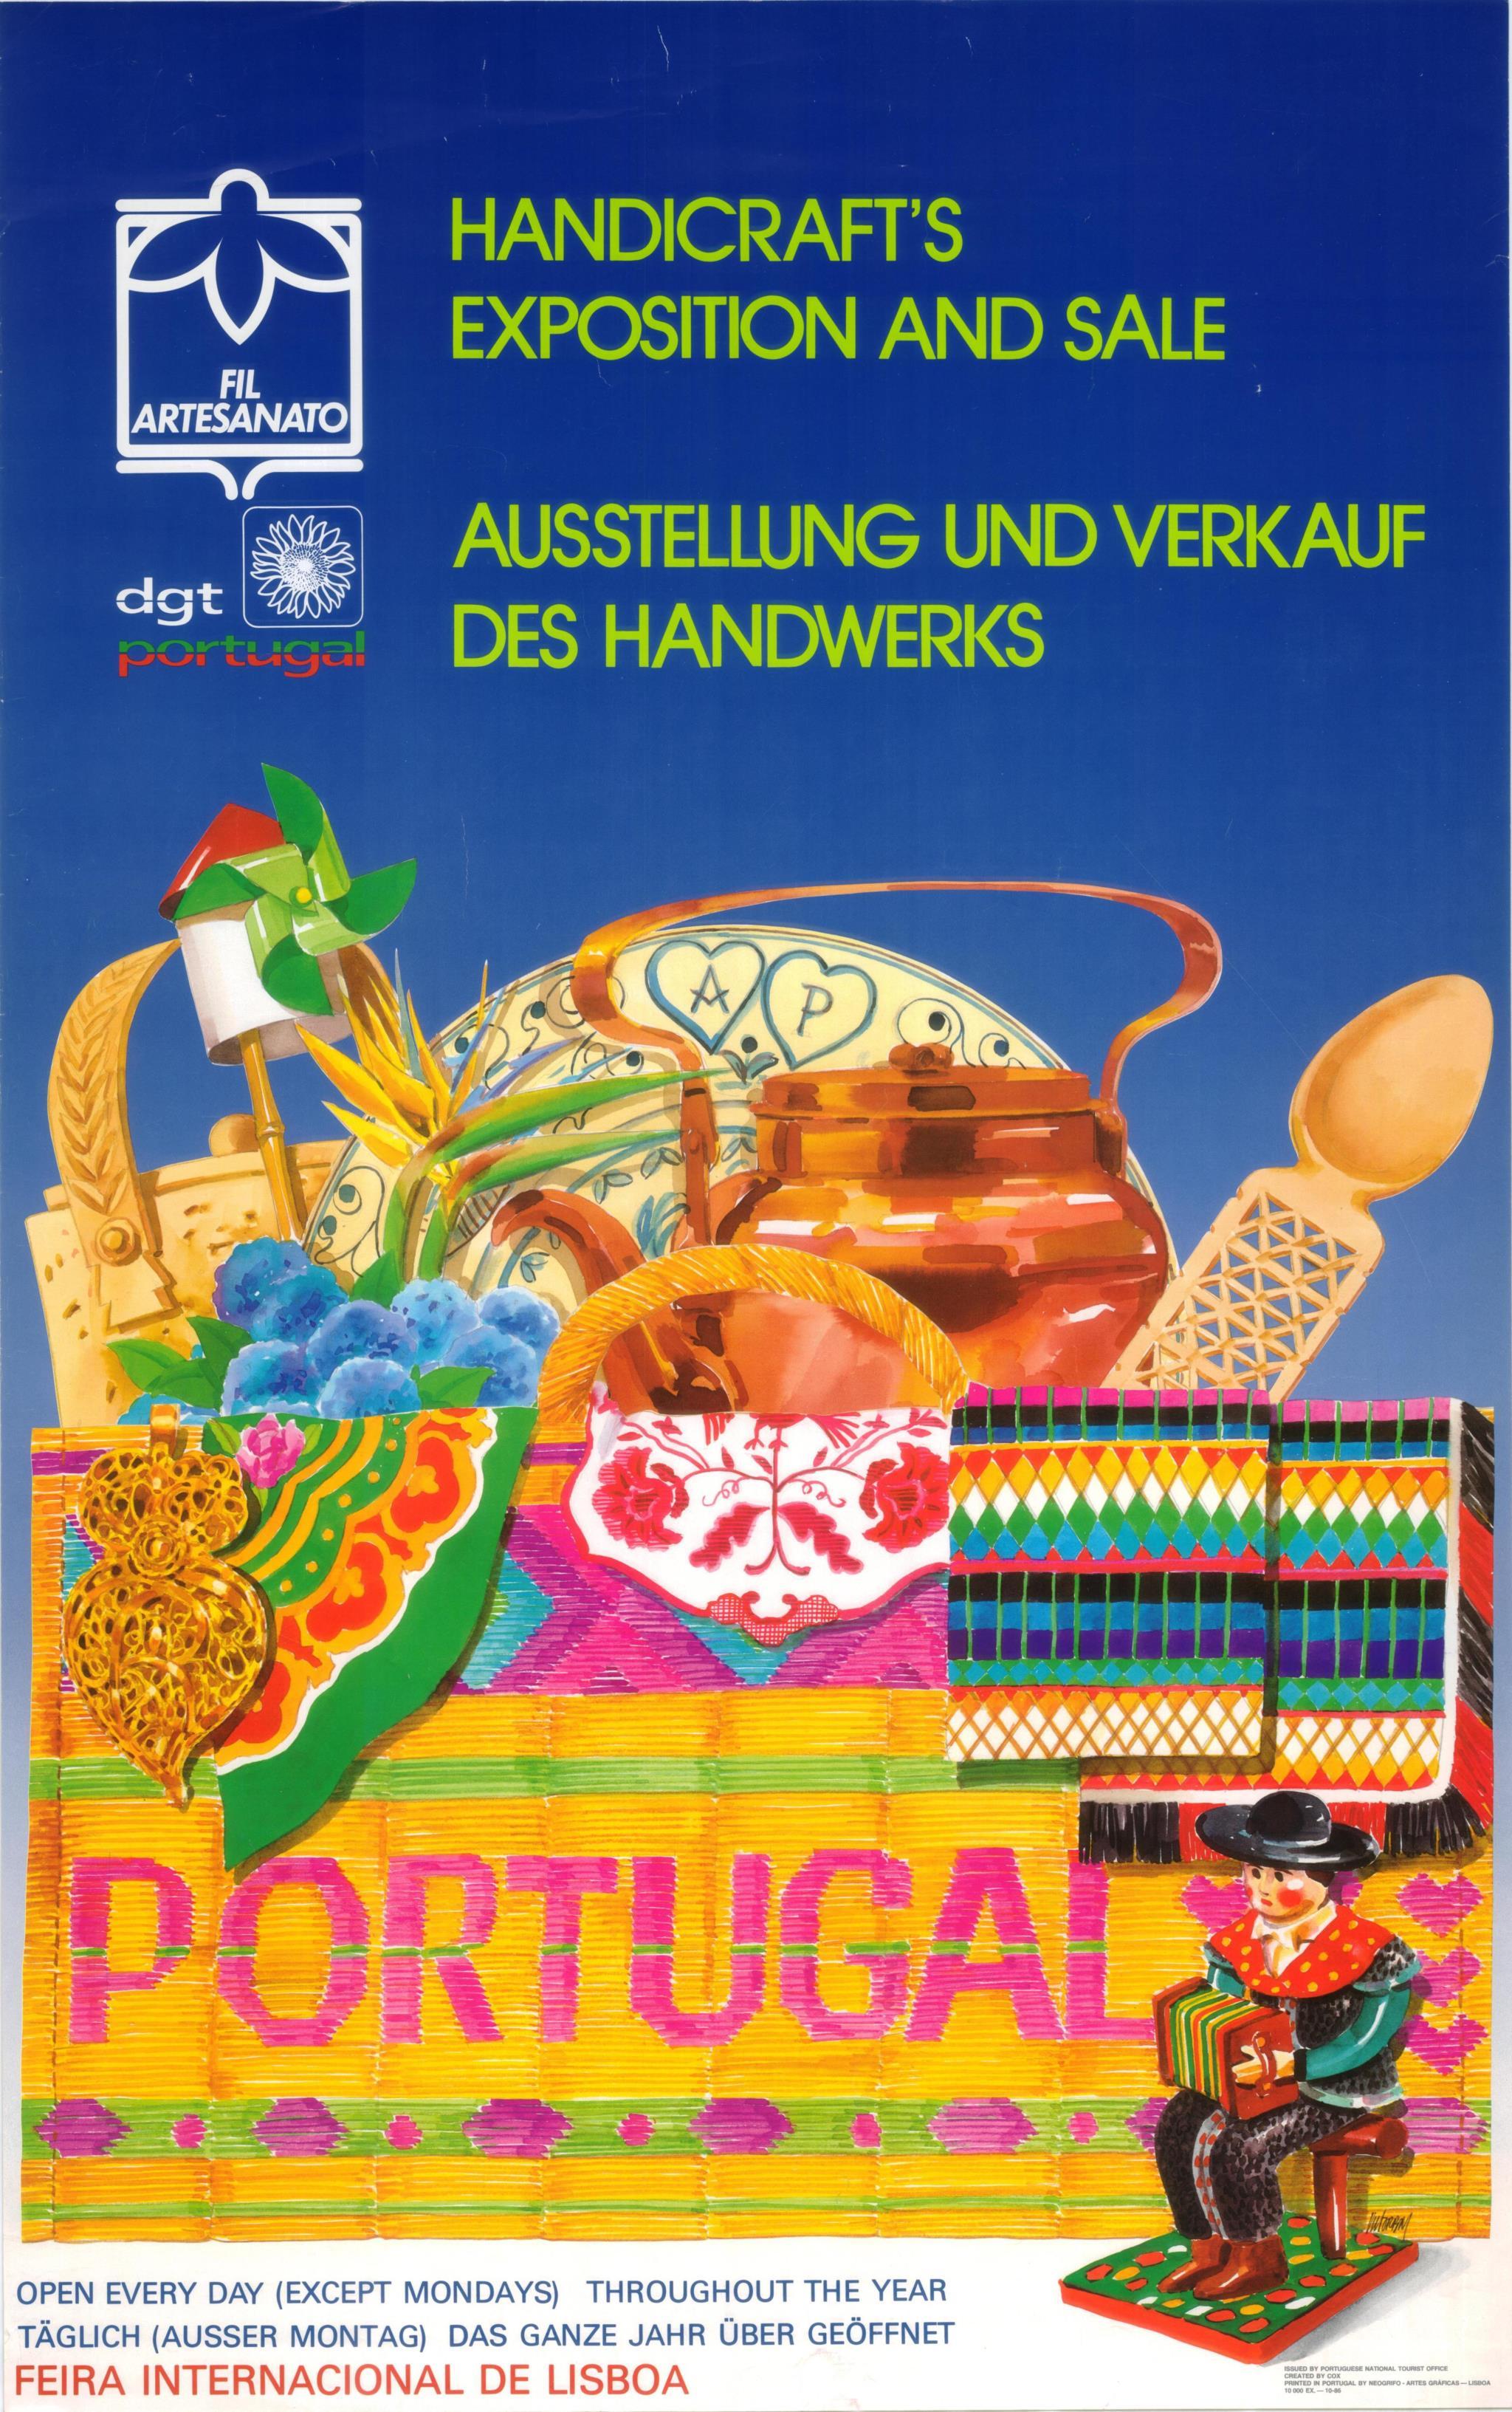 PÚBLICO - Cartaz produzido em 1986 para promover a Feira Internacional de Artesanato, em Lisboa